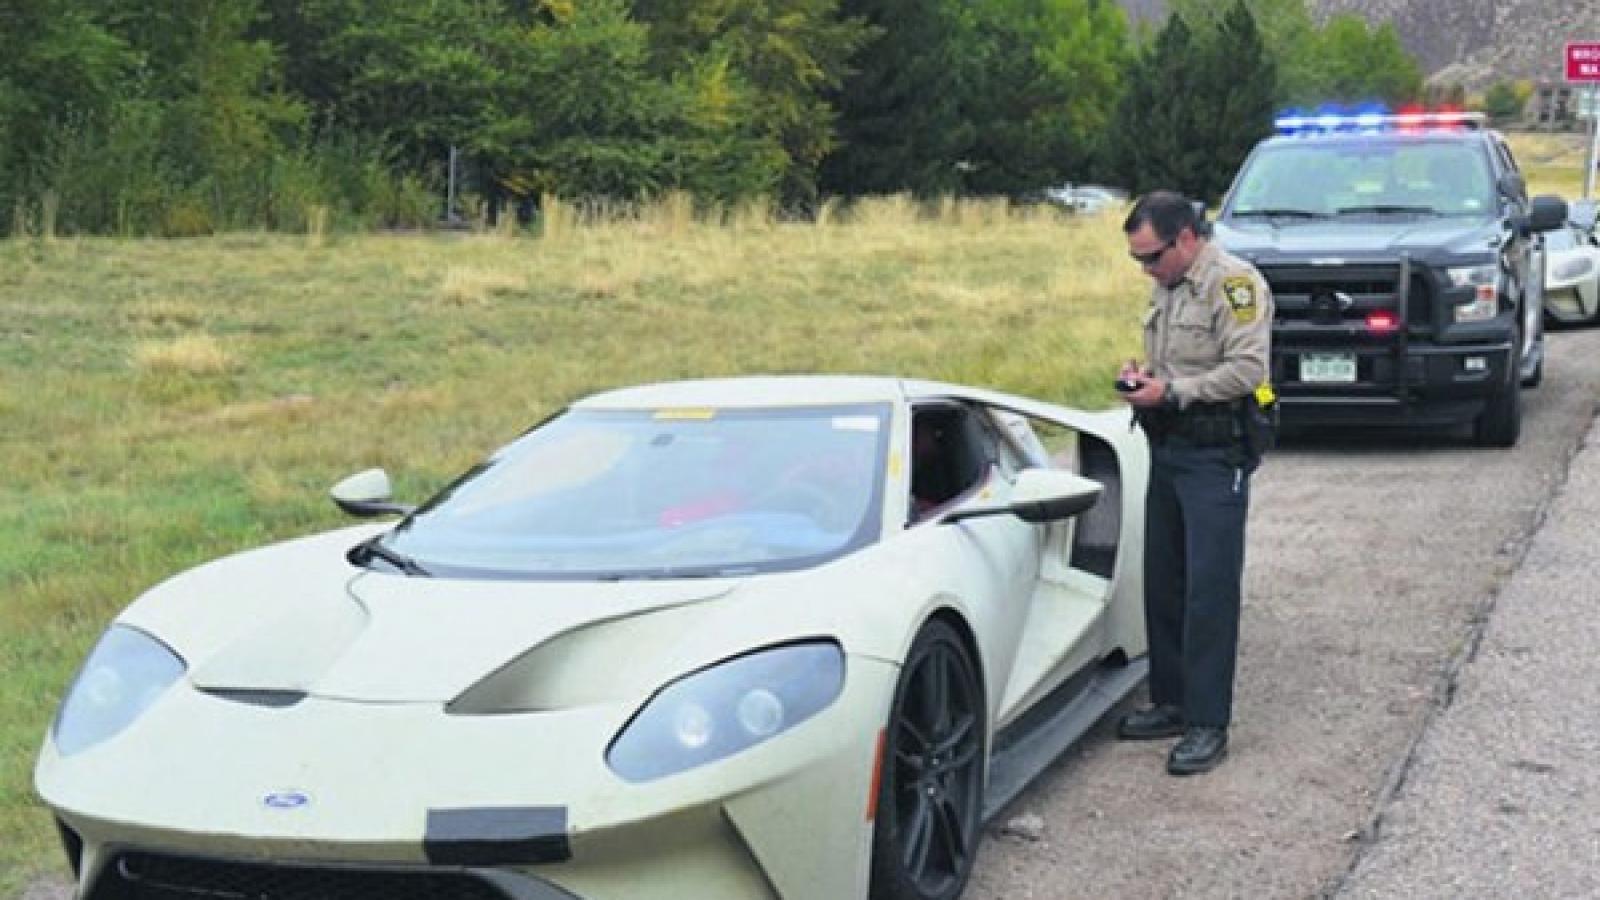 فورد جی تی هنگام انجام آزمایش جاده ای توسط پلیس متوقف شد - اجاره خودرو طباطبایی